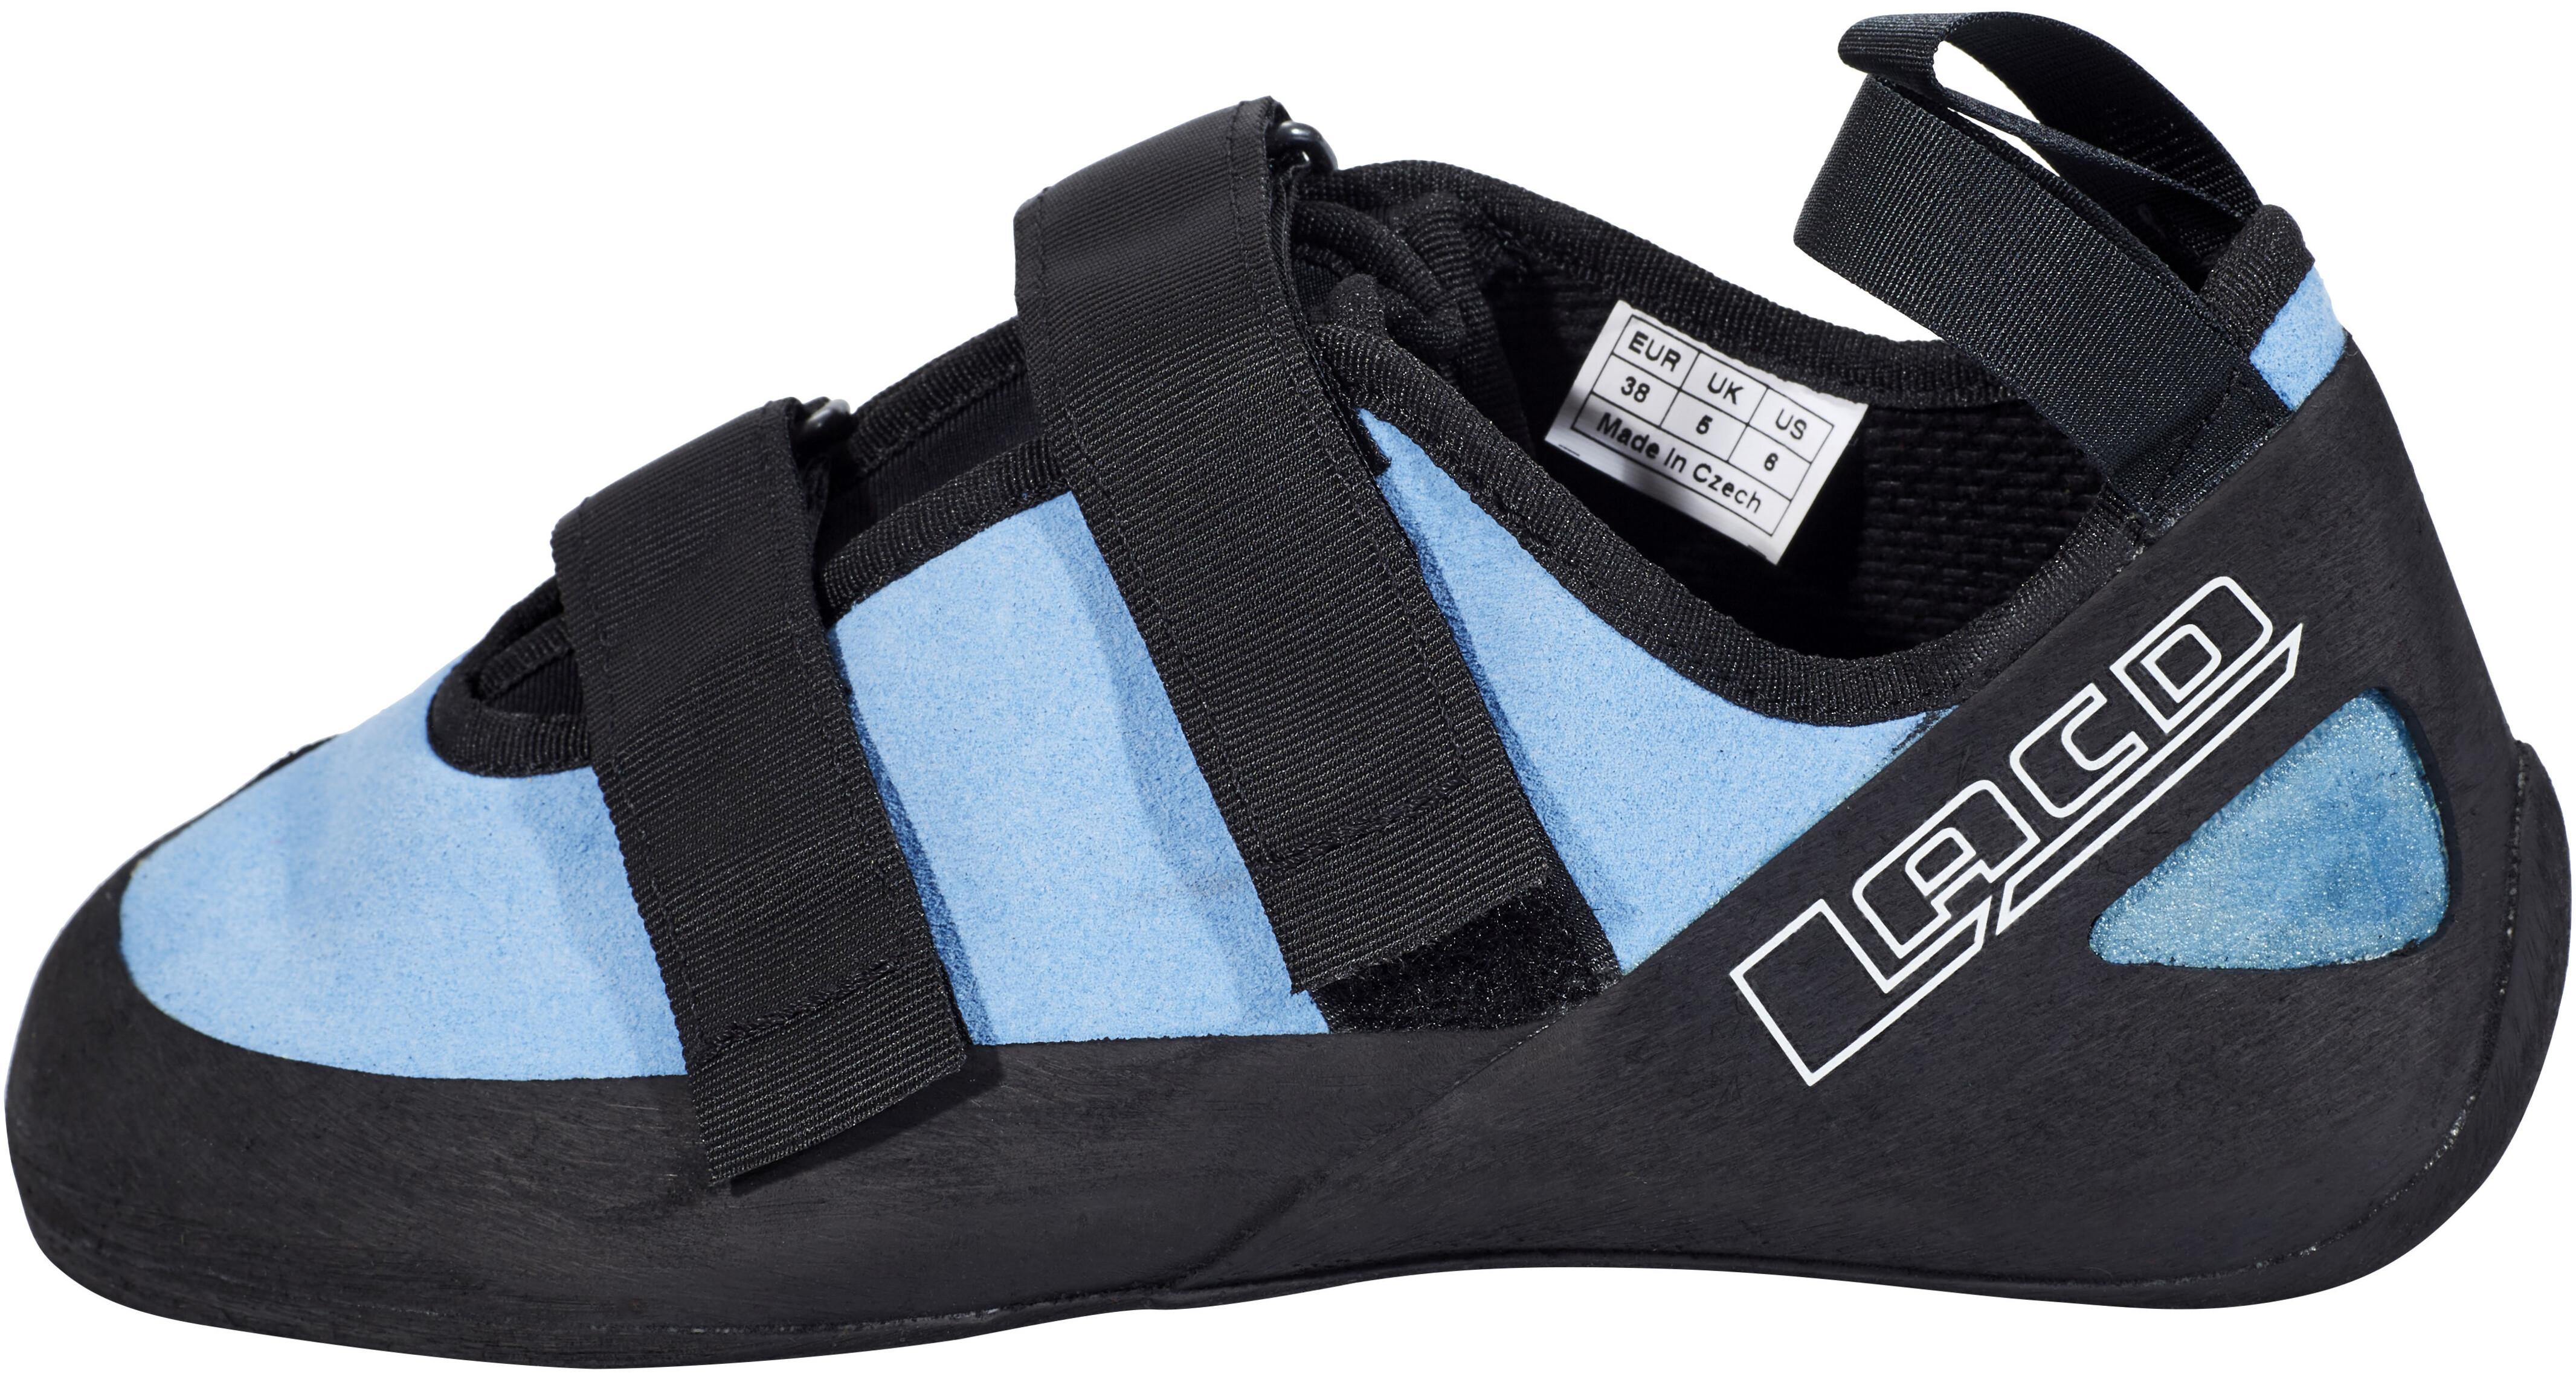 Lacd Klettergurt Start Test : Lacd splash climbing shoes unisex blue campz.de